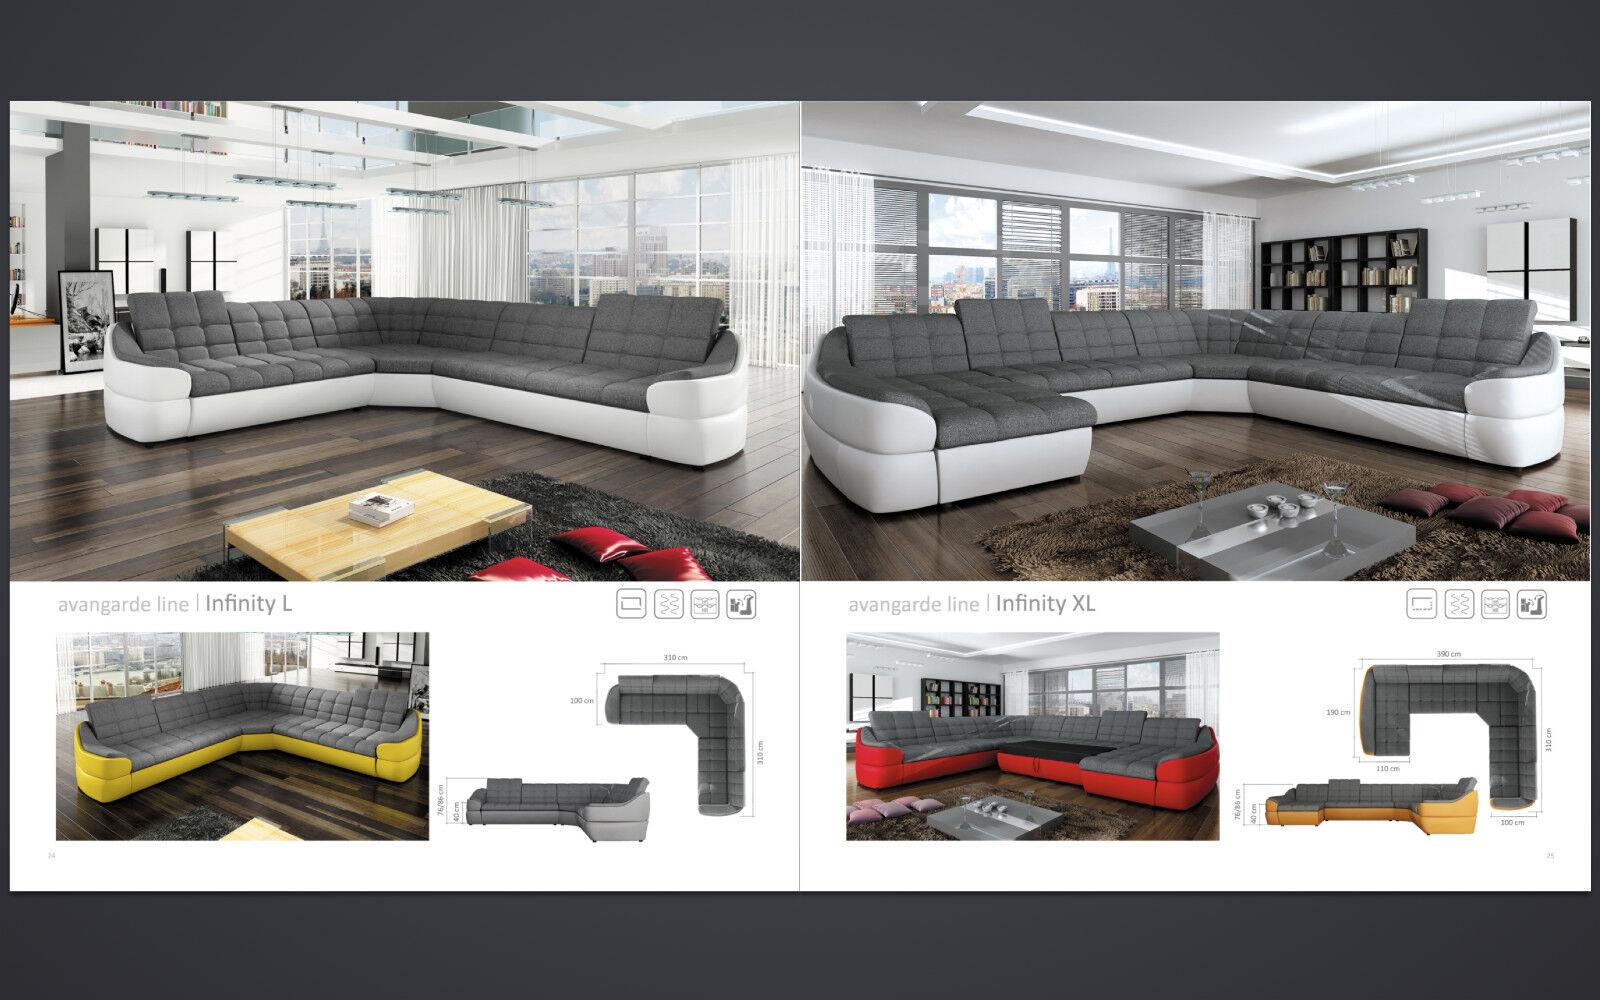 couchgarnitur infinity xl u sofa mit schlaffunktion couch polsterecke ecksofa kaufen bei. Black Bedroom Furniture Sets. Home Design Ideas